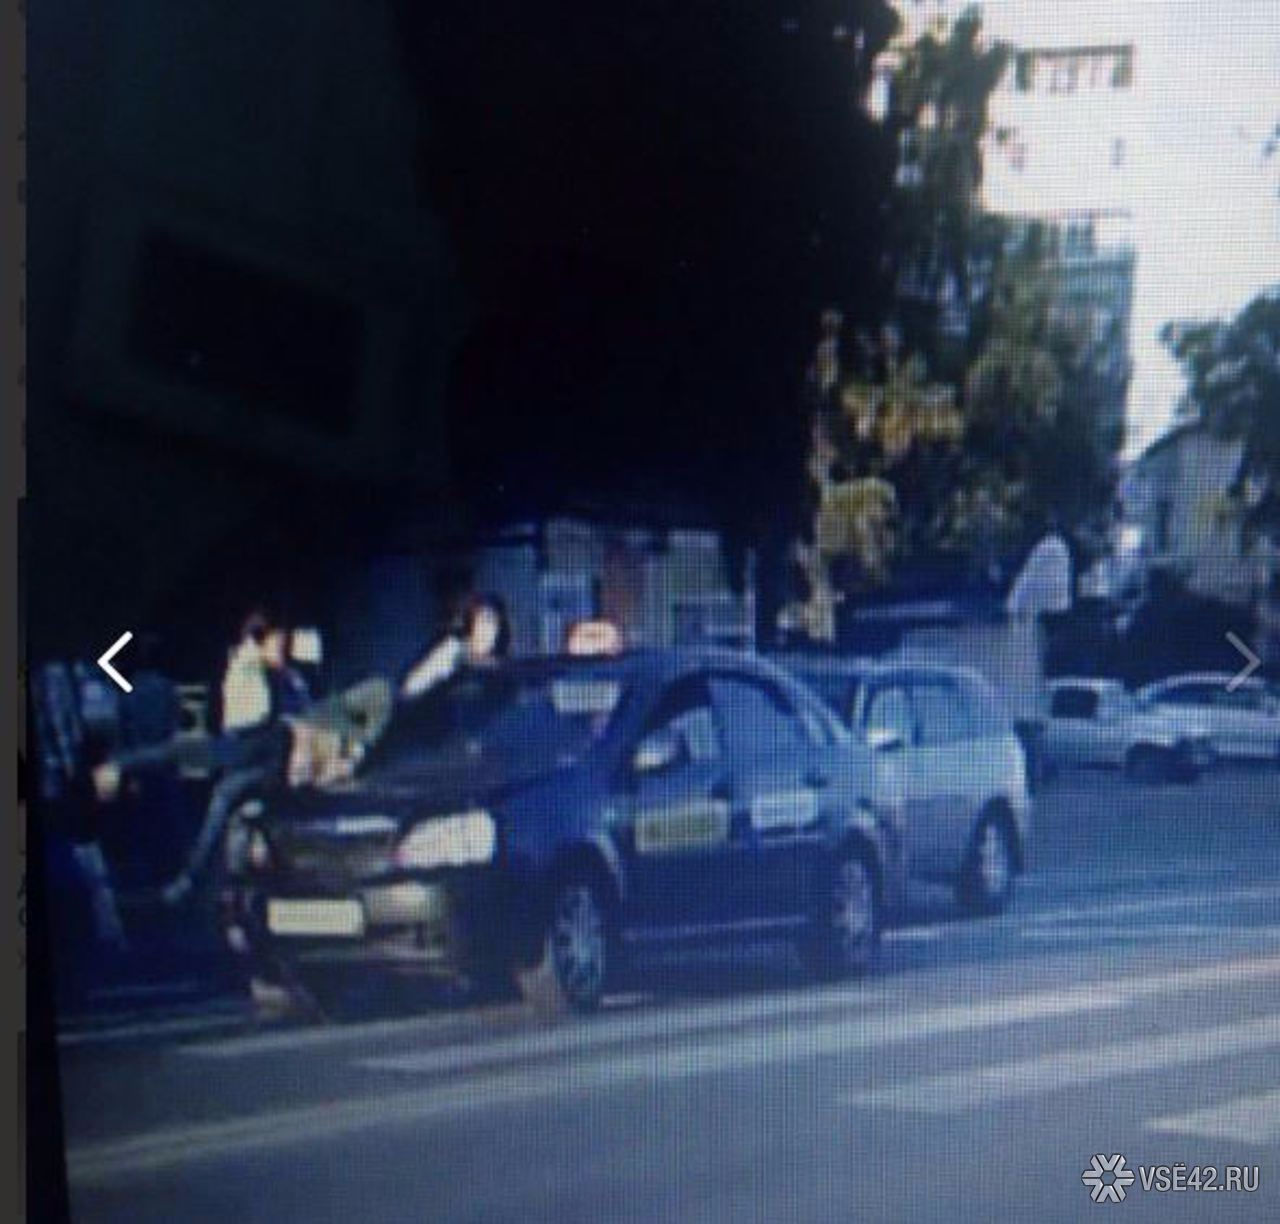 ВКемерове шофёр такси сбил 2-х женщин напешеходном переходе